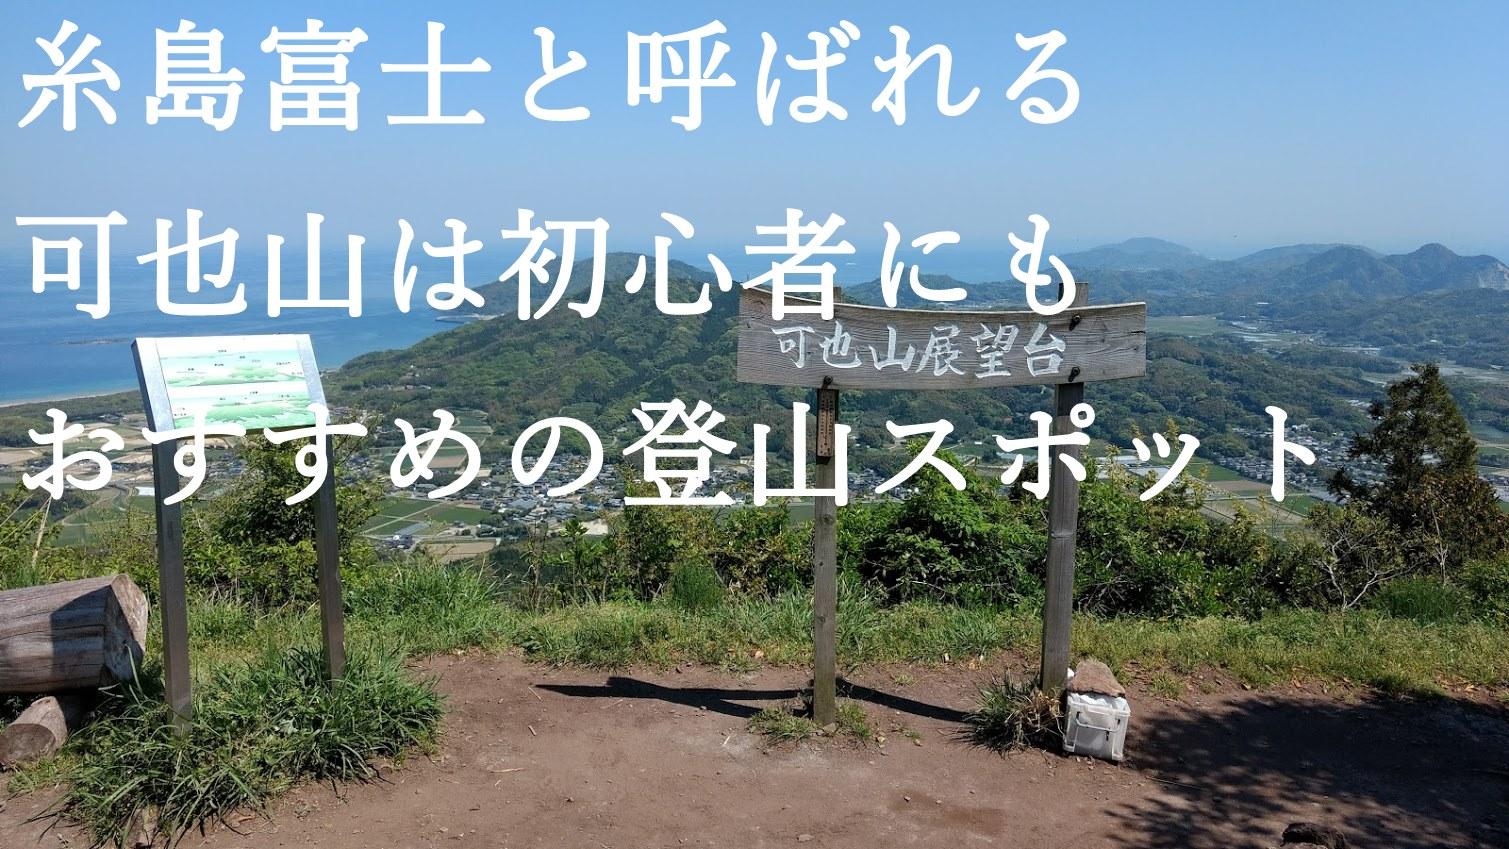 糸島富士と呼ばれる可也山を登山したら最高だった